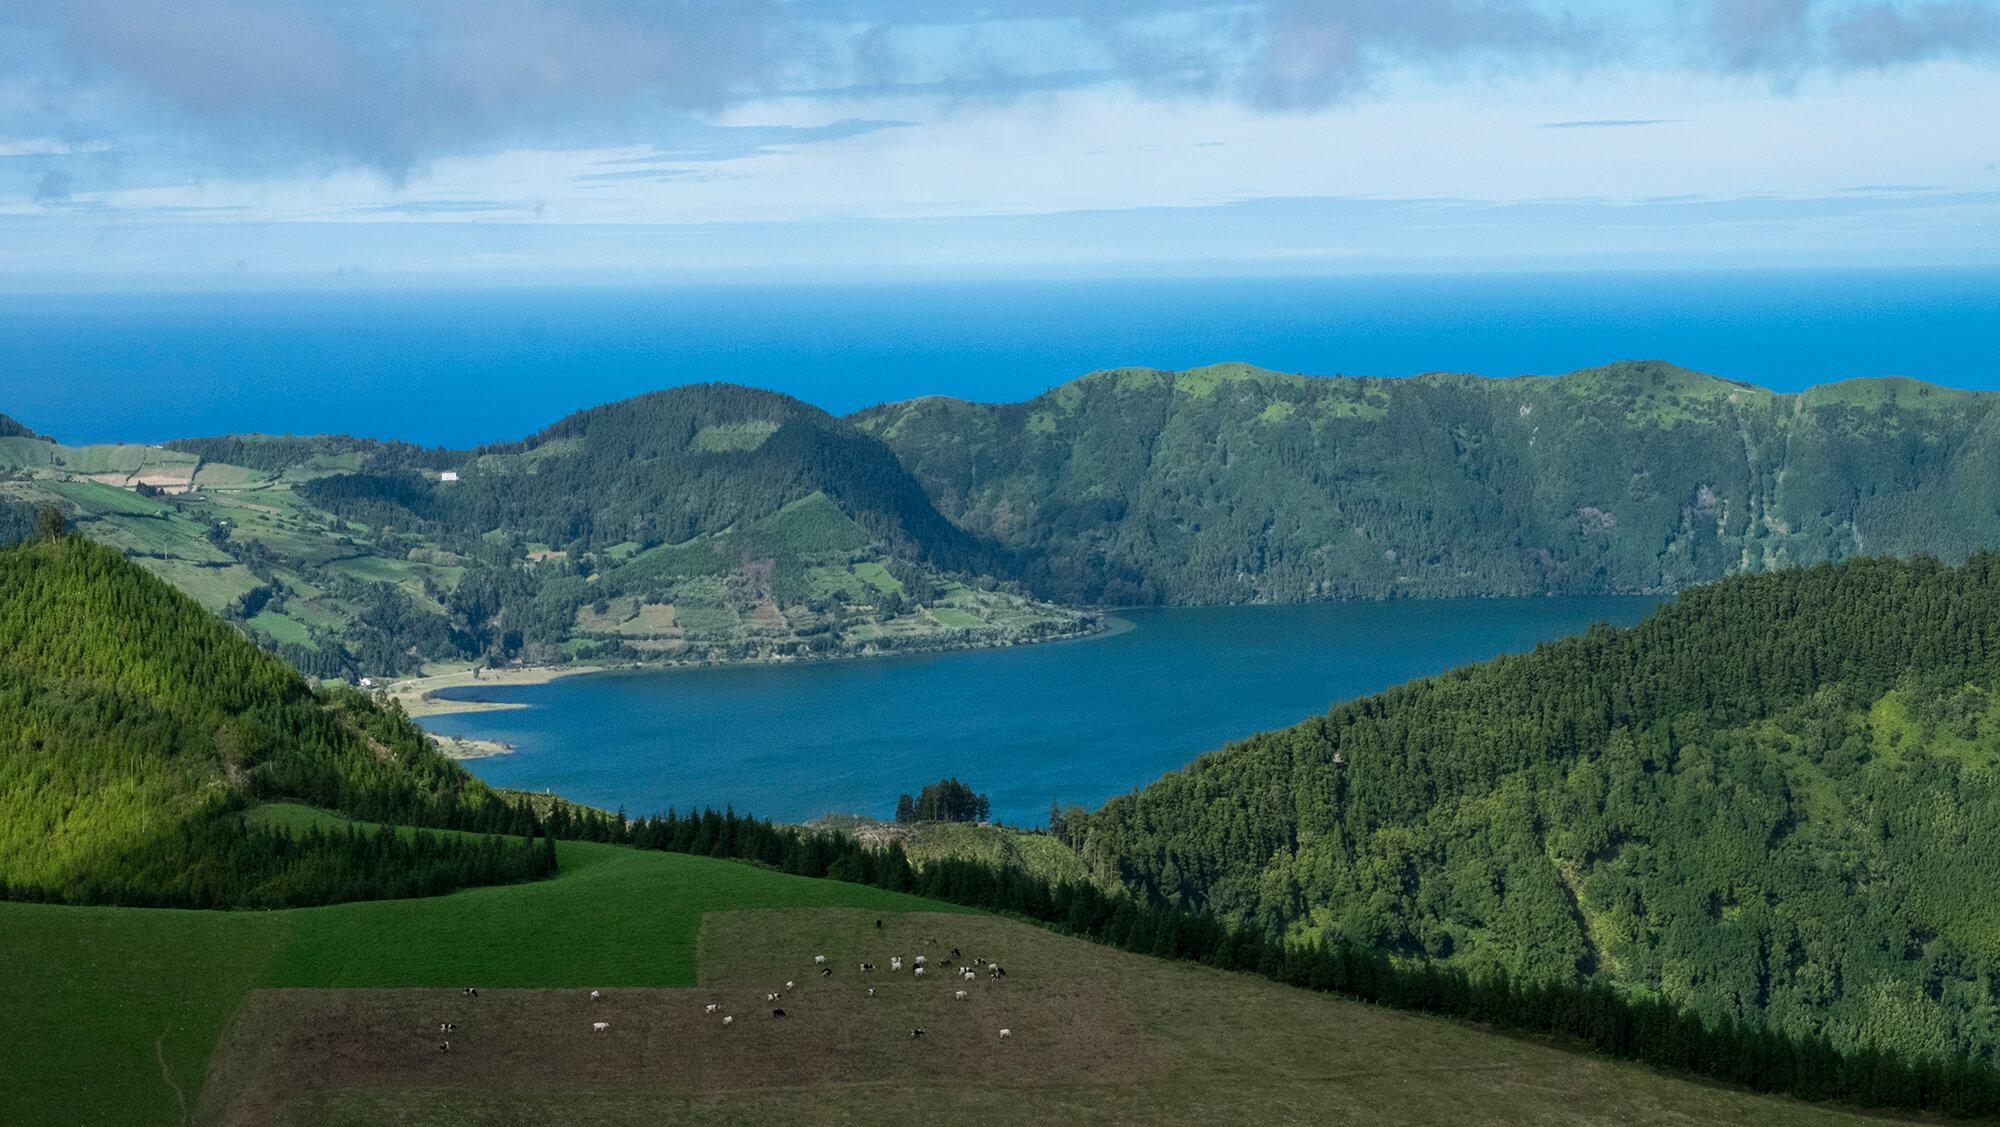 São Miguel. Azores. Sete Cidades